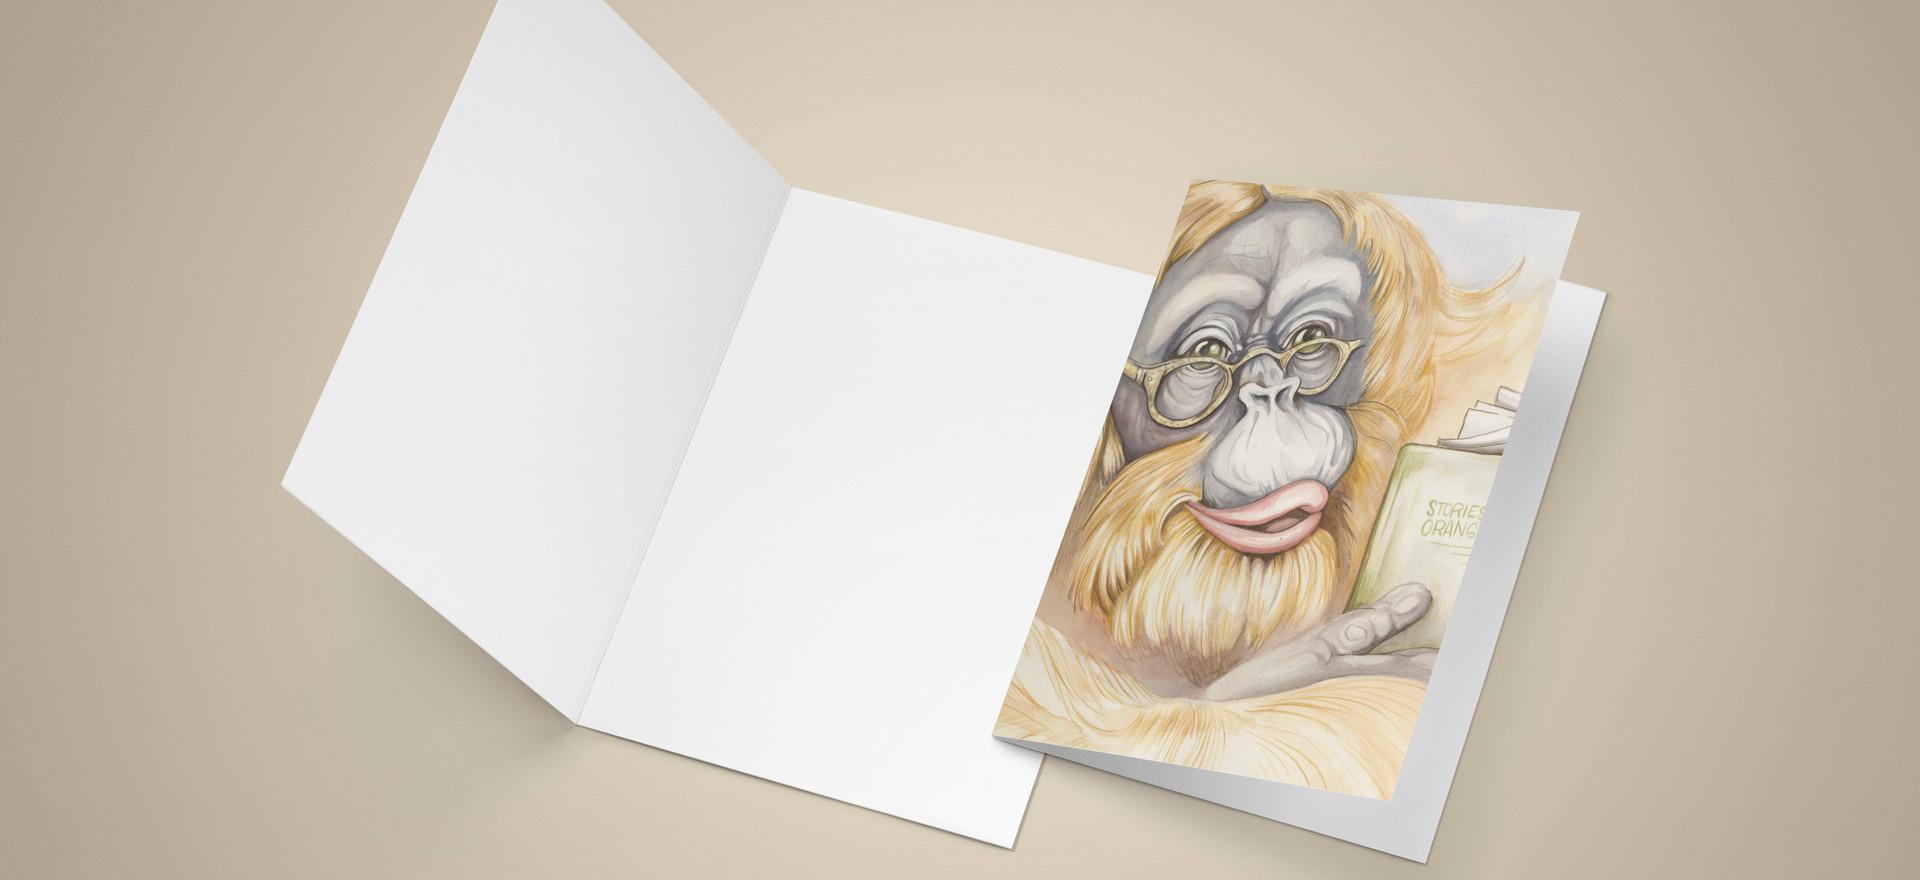 Oranatang Card